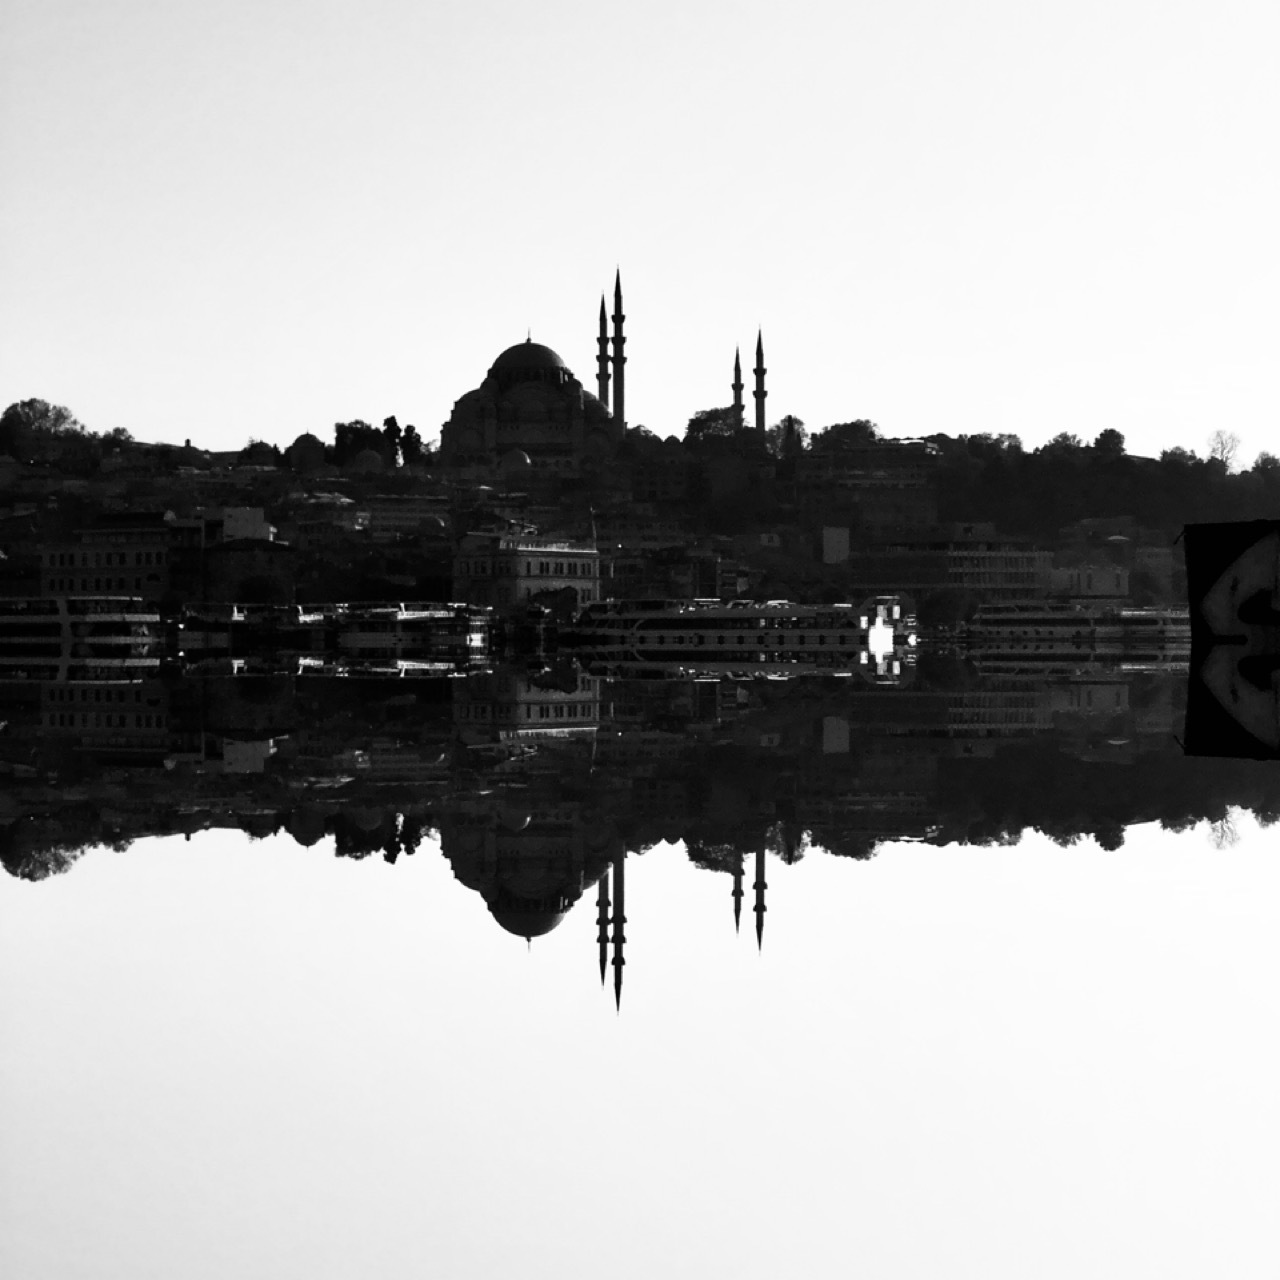 Istanbul by Yiğitcan Güller